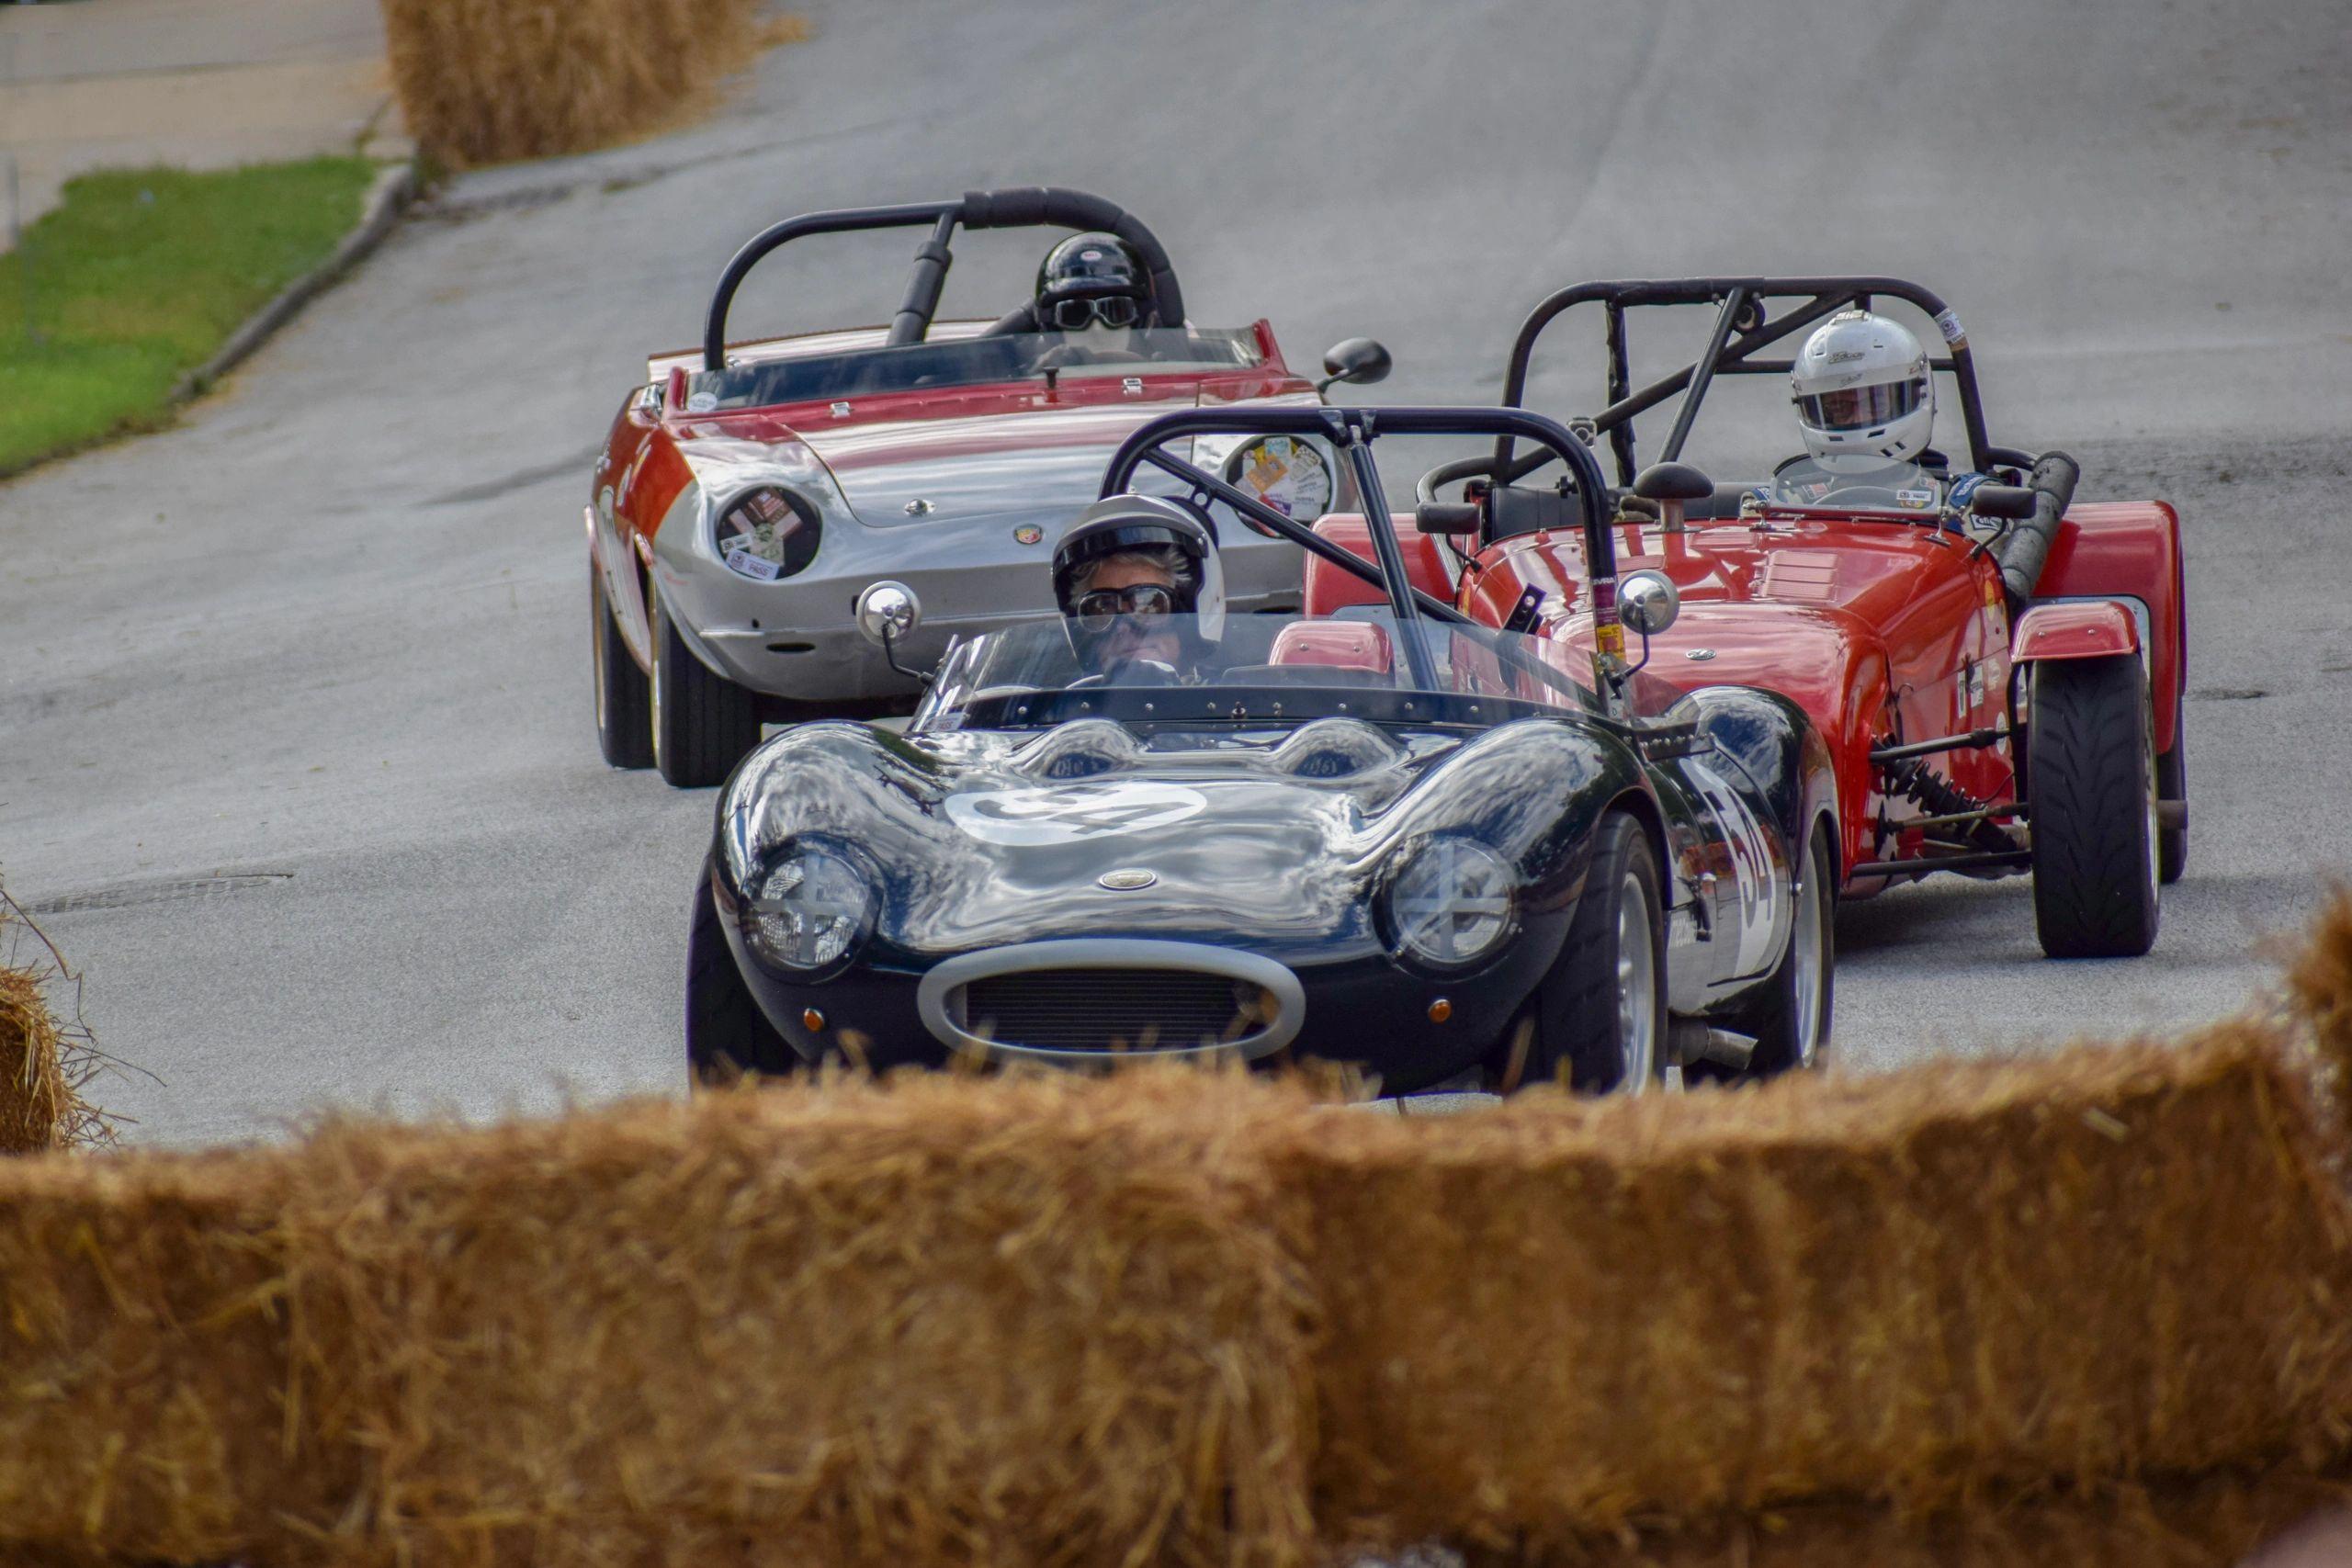 SPONSORSHIPS | Coatesville Invitational Vintage Grand Prix